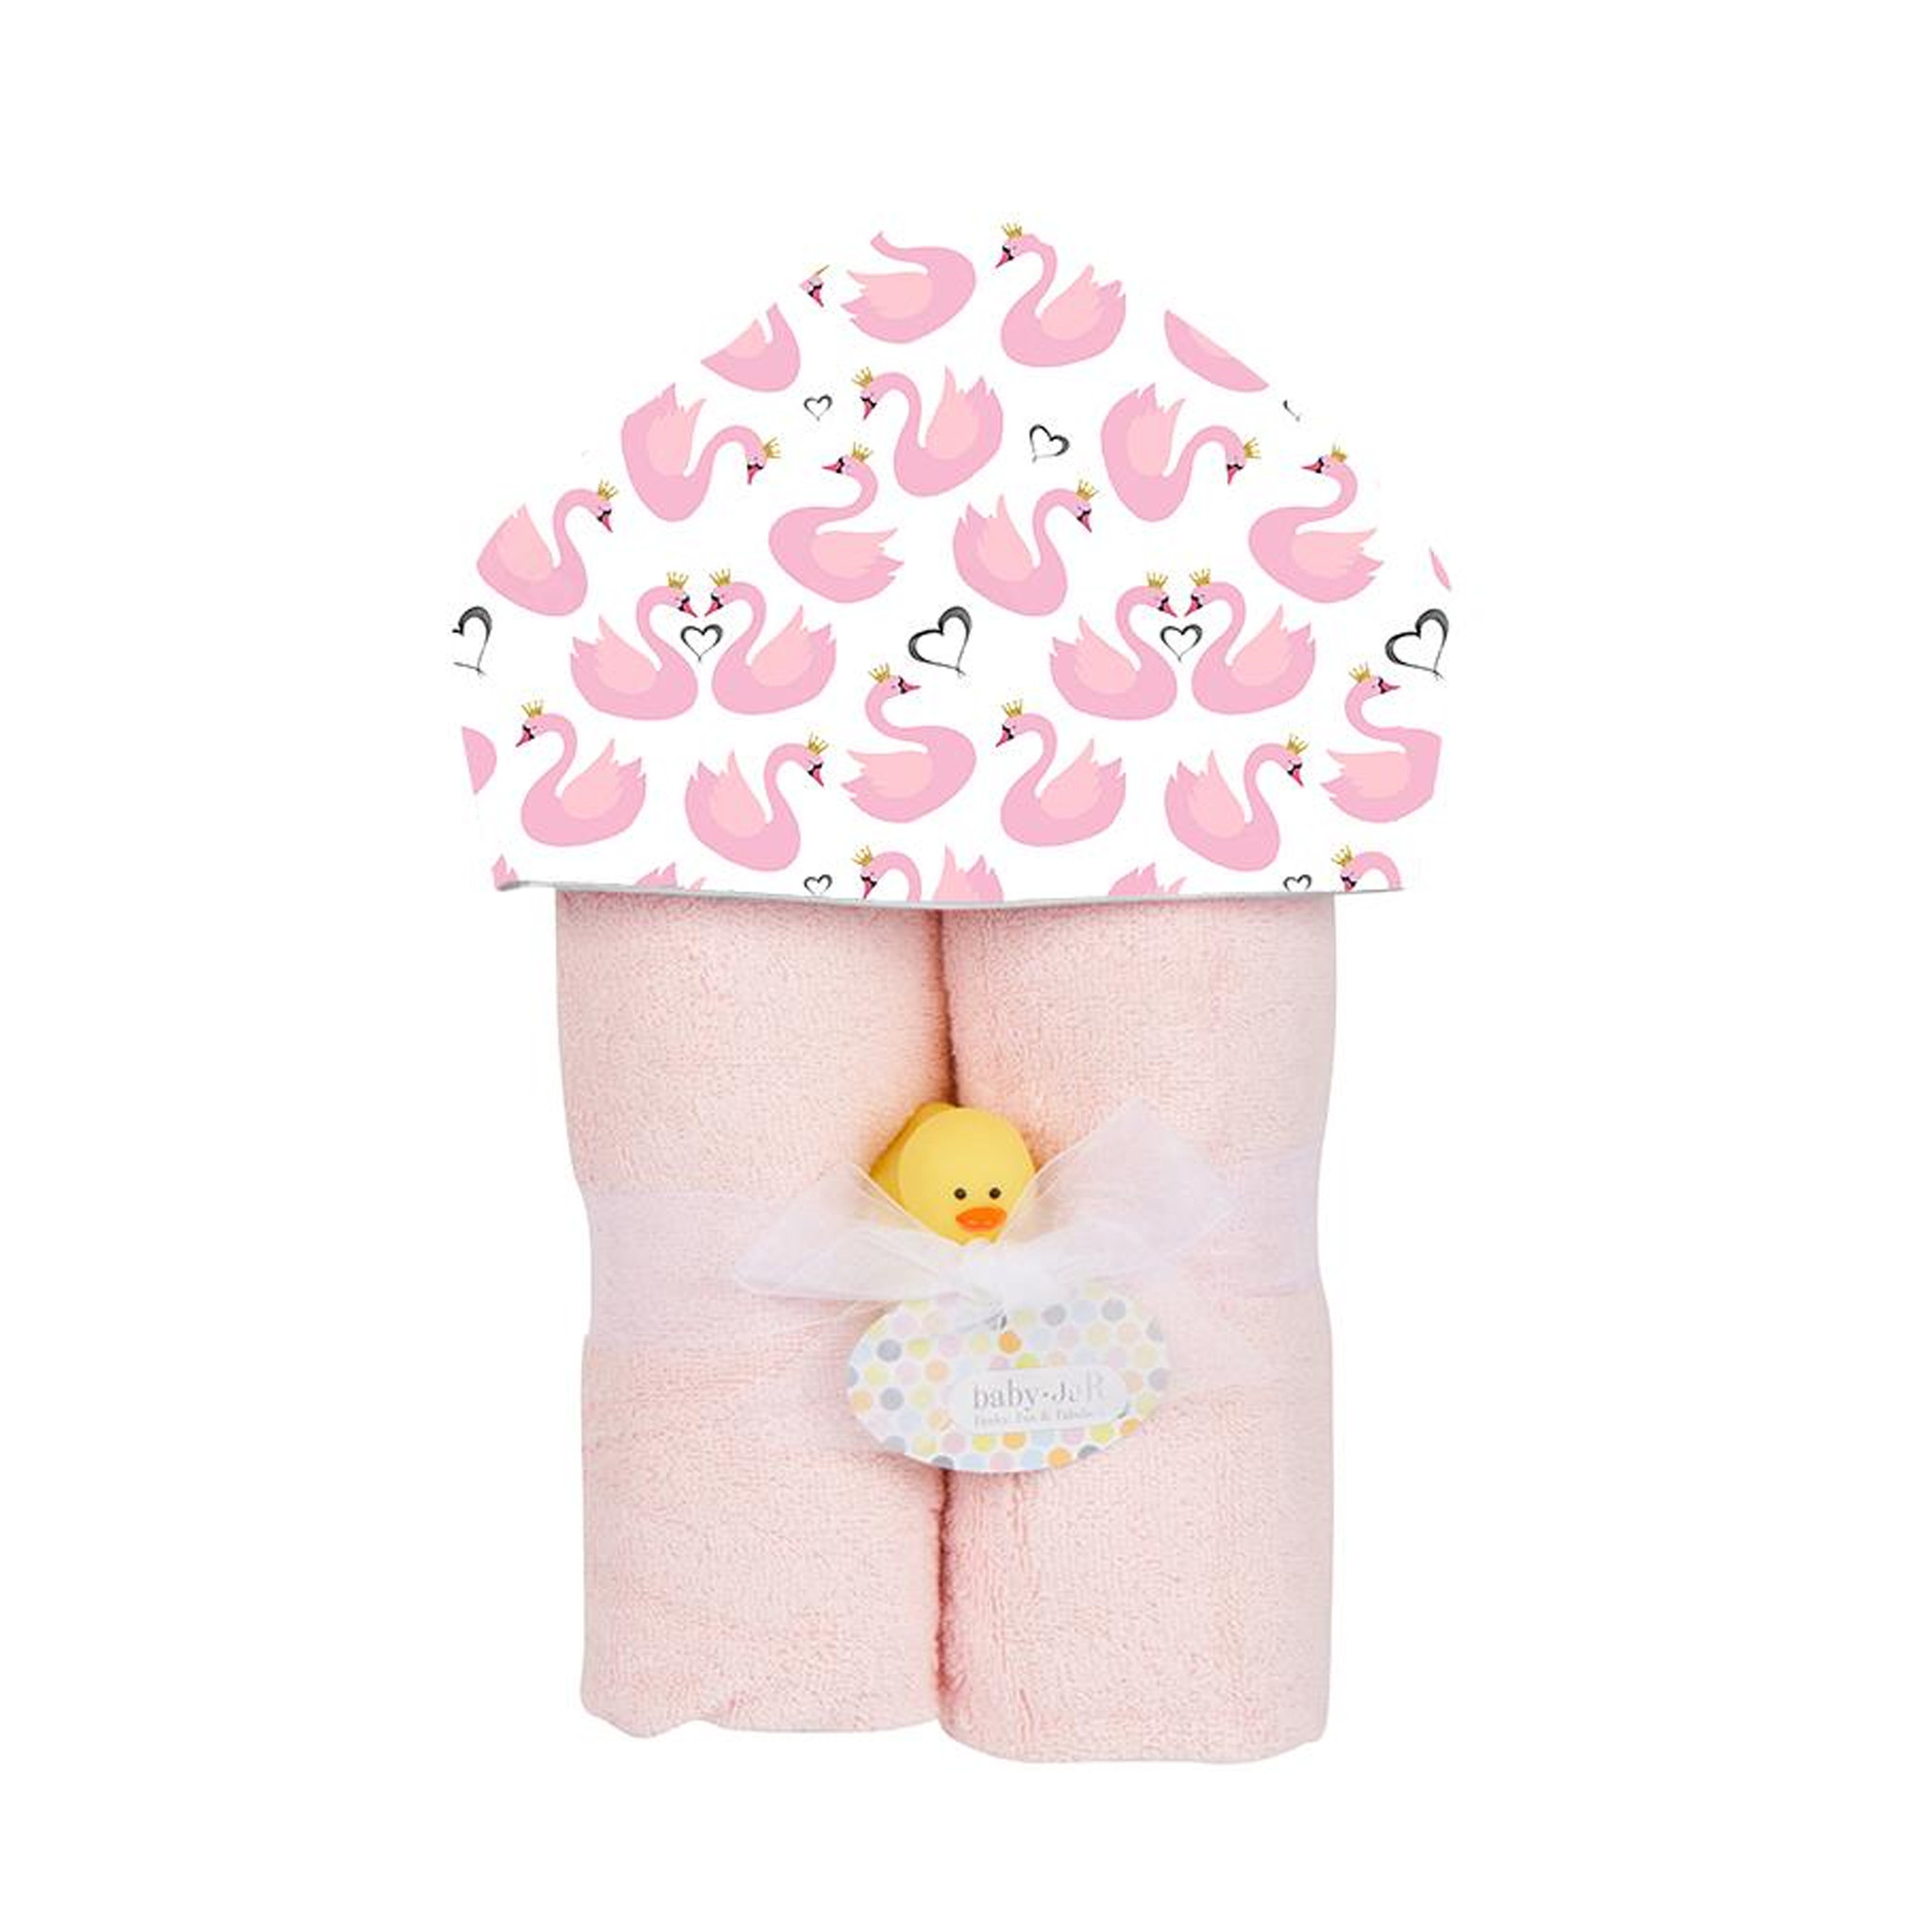 Baby Jar Princess Swans Hooded Towel